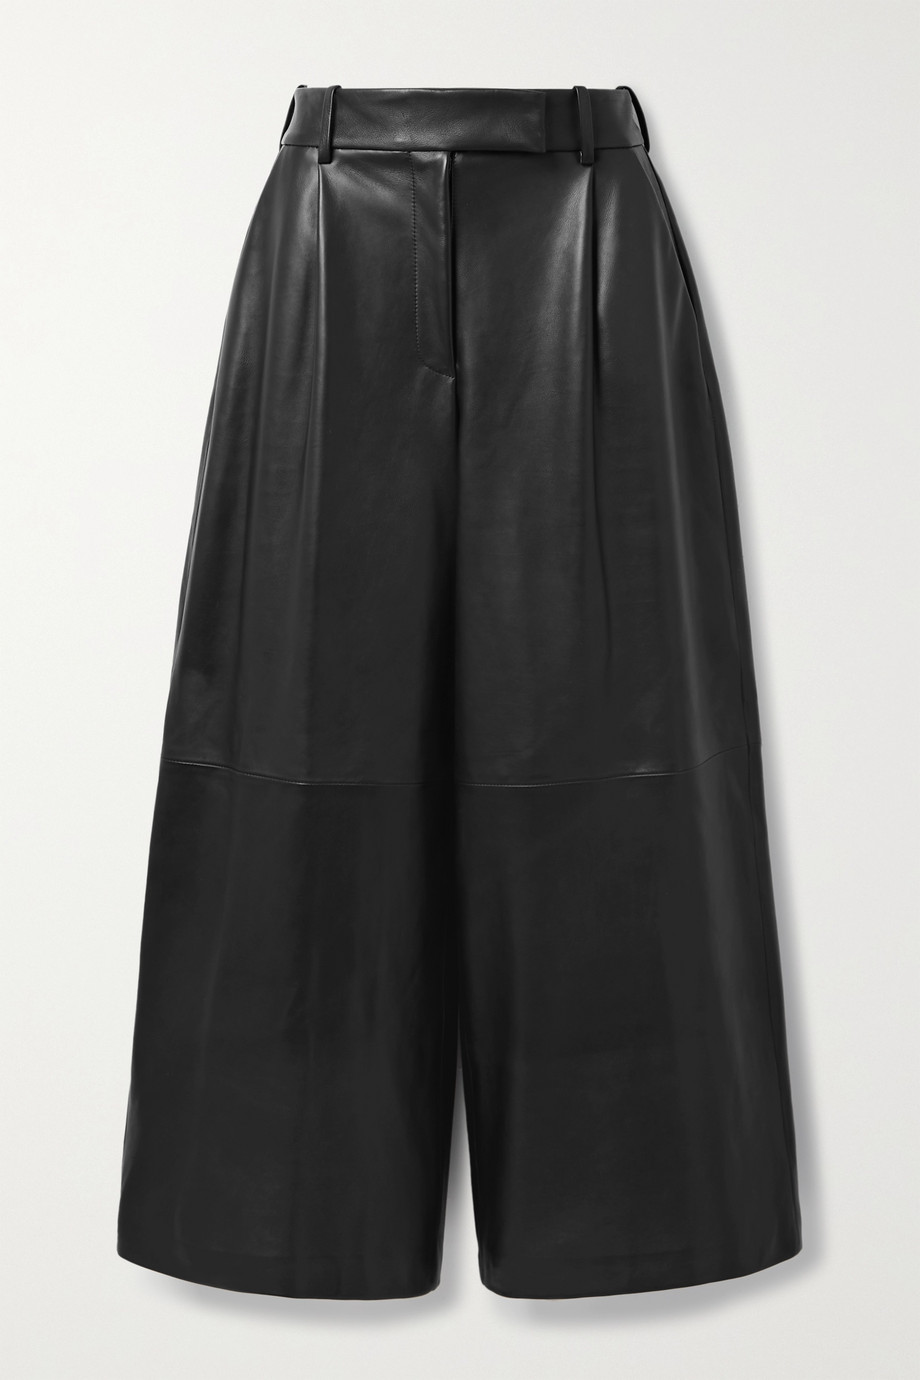 Khaite Pantalon large en cuir Maarte